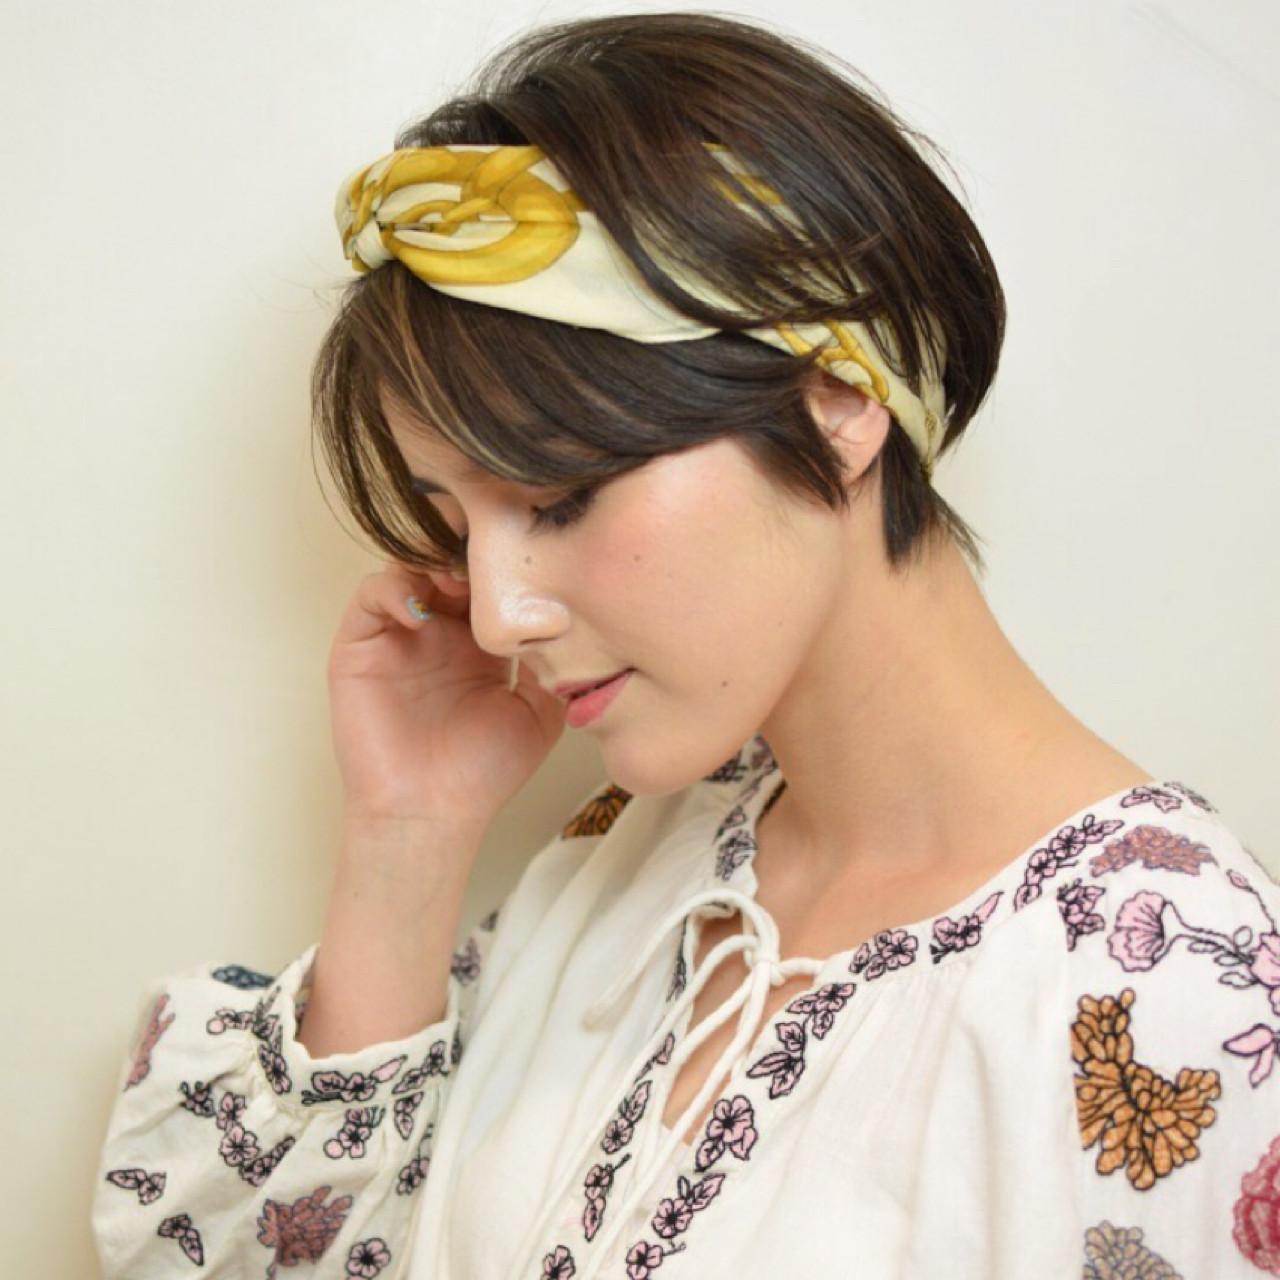 ヘアアレンジ ショート ヘアアクセ 簡単ヘアアレンジ ヘアスタイルや髪型の写真・画像